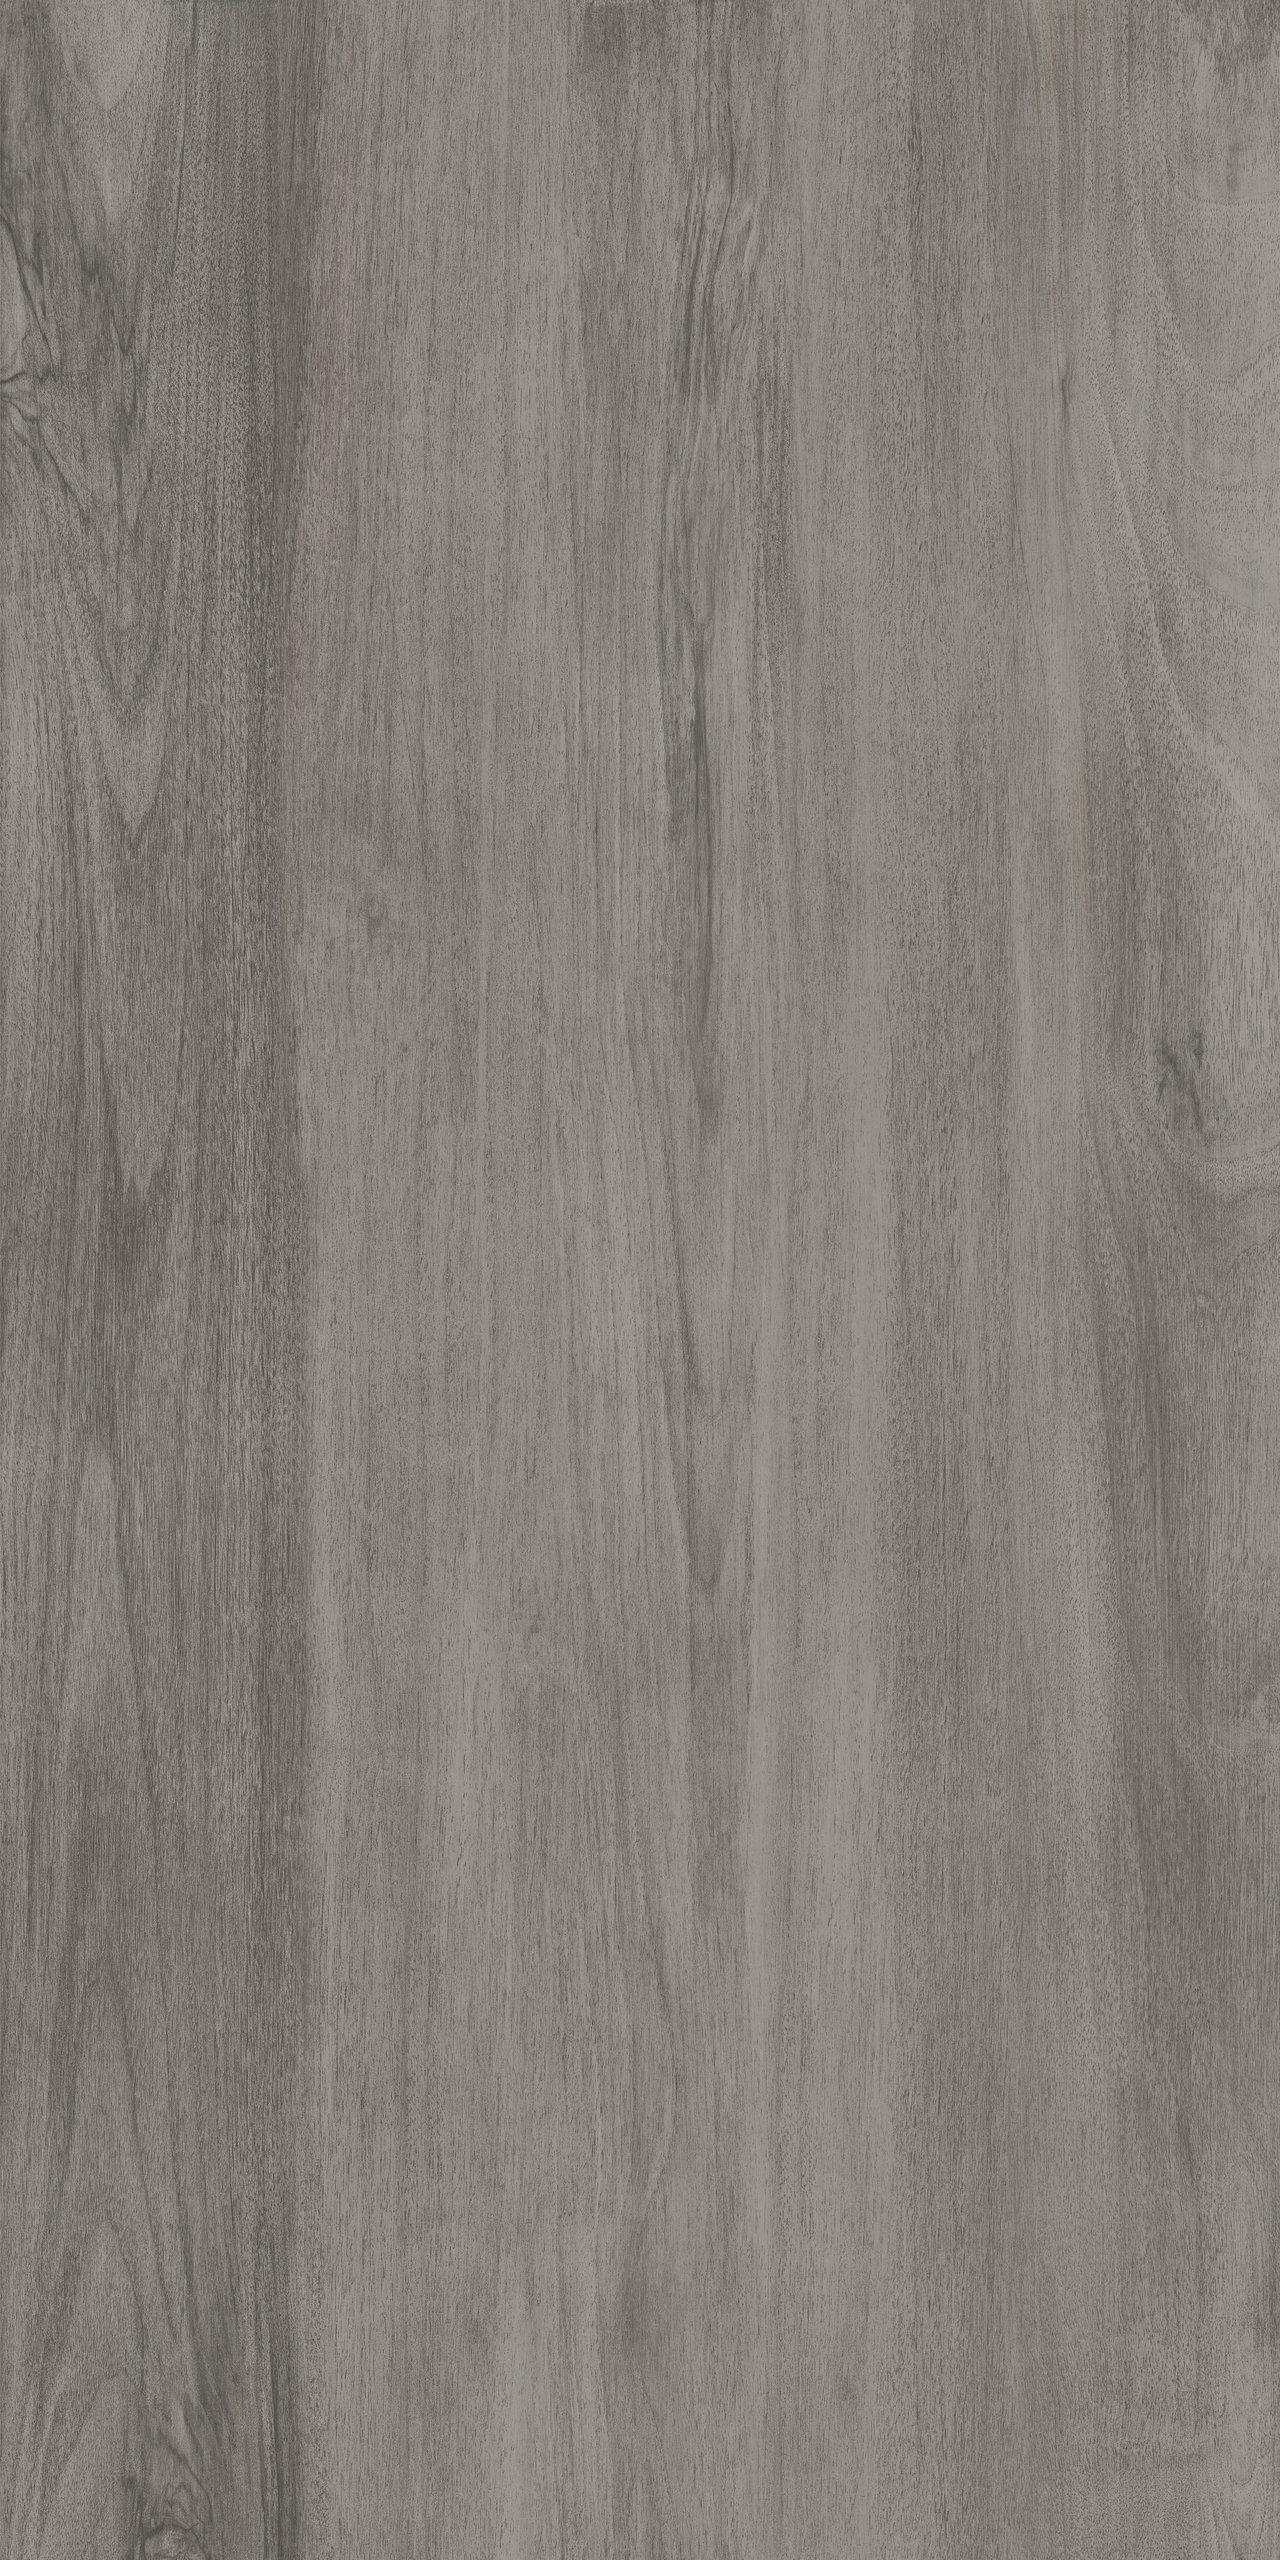 Infinite Wood sp iw english oak nat 4812 f1 USG1248219